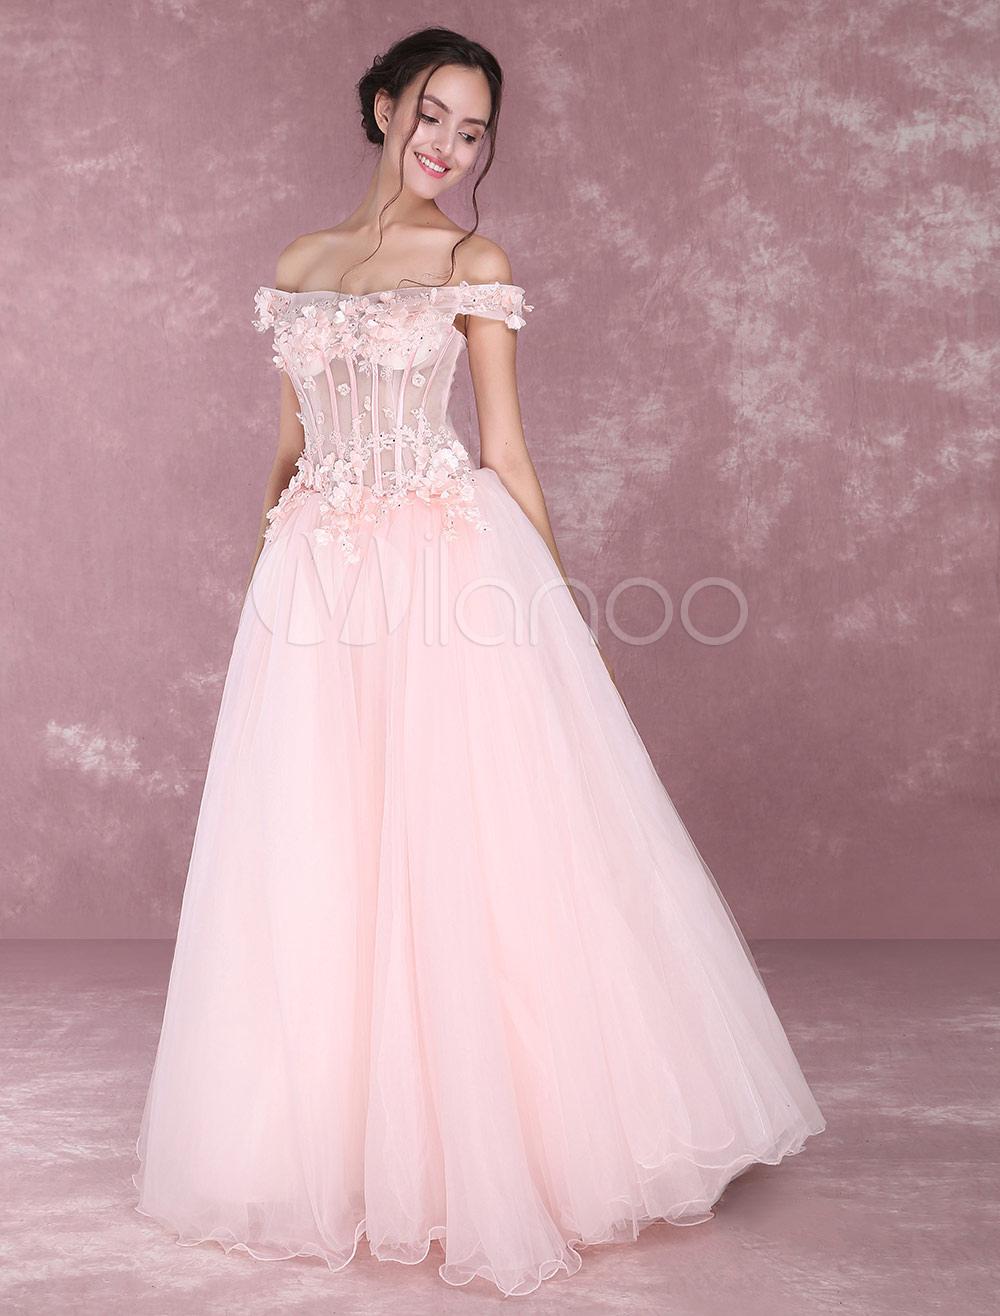 d277d88f8 Vestido para quinceañeras Rosado ligero con escote de hombros caídos ...